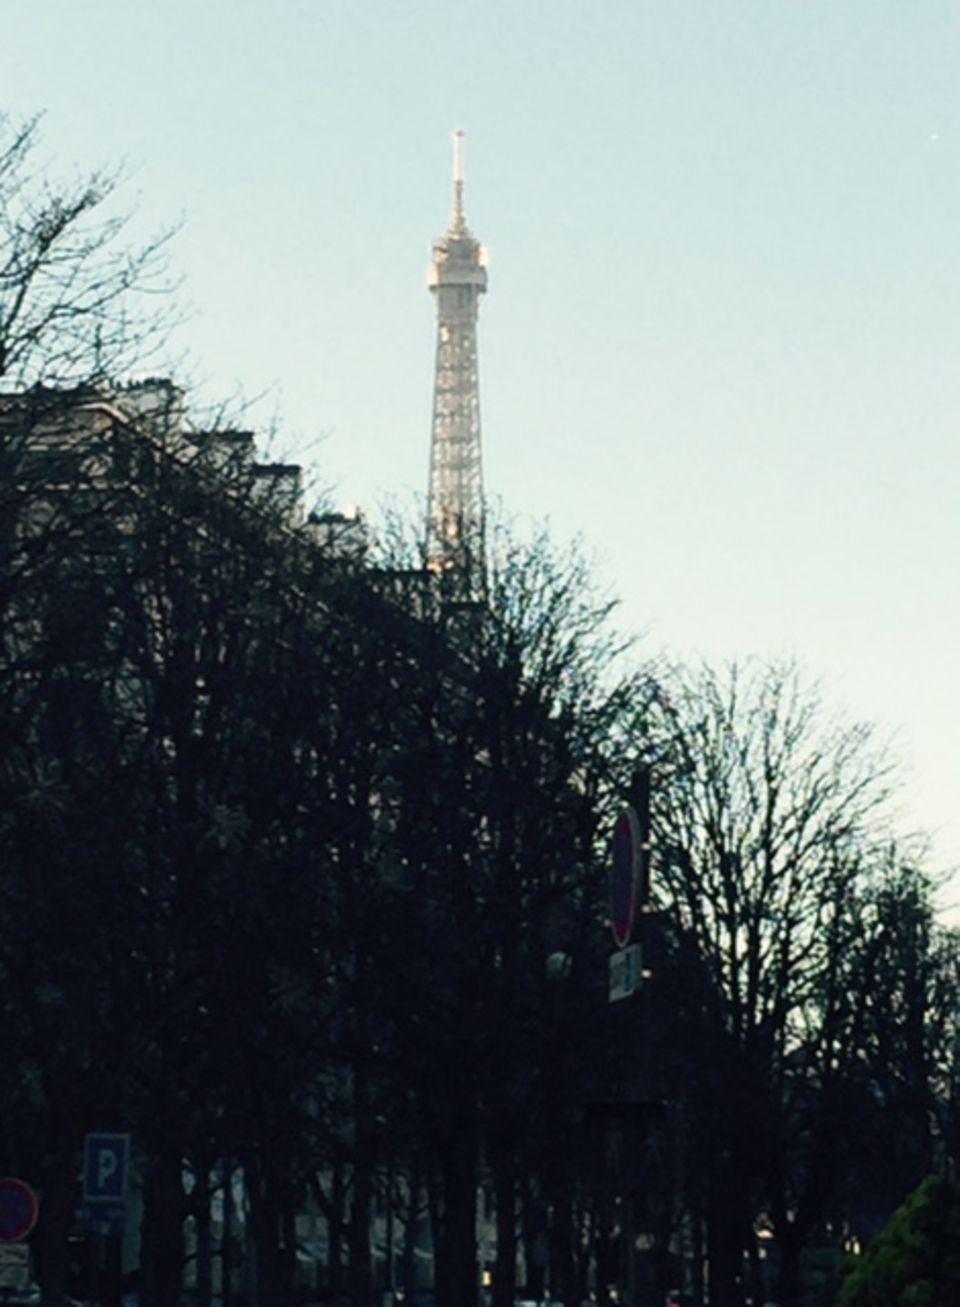 Noch immer ist der Eiffelturm der Stolz der Franzosen und ein Anker in unsicheren, traurigen Zeiten.